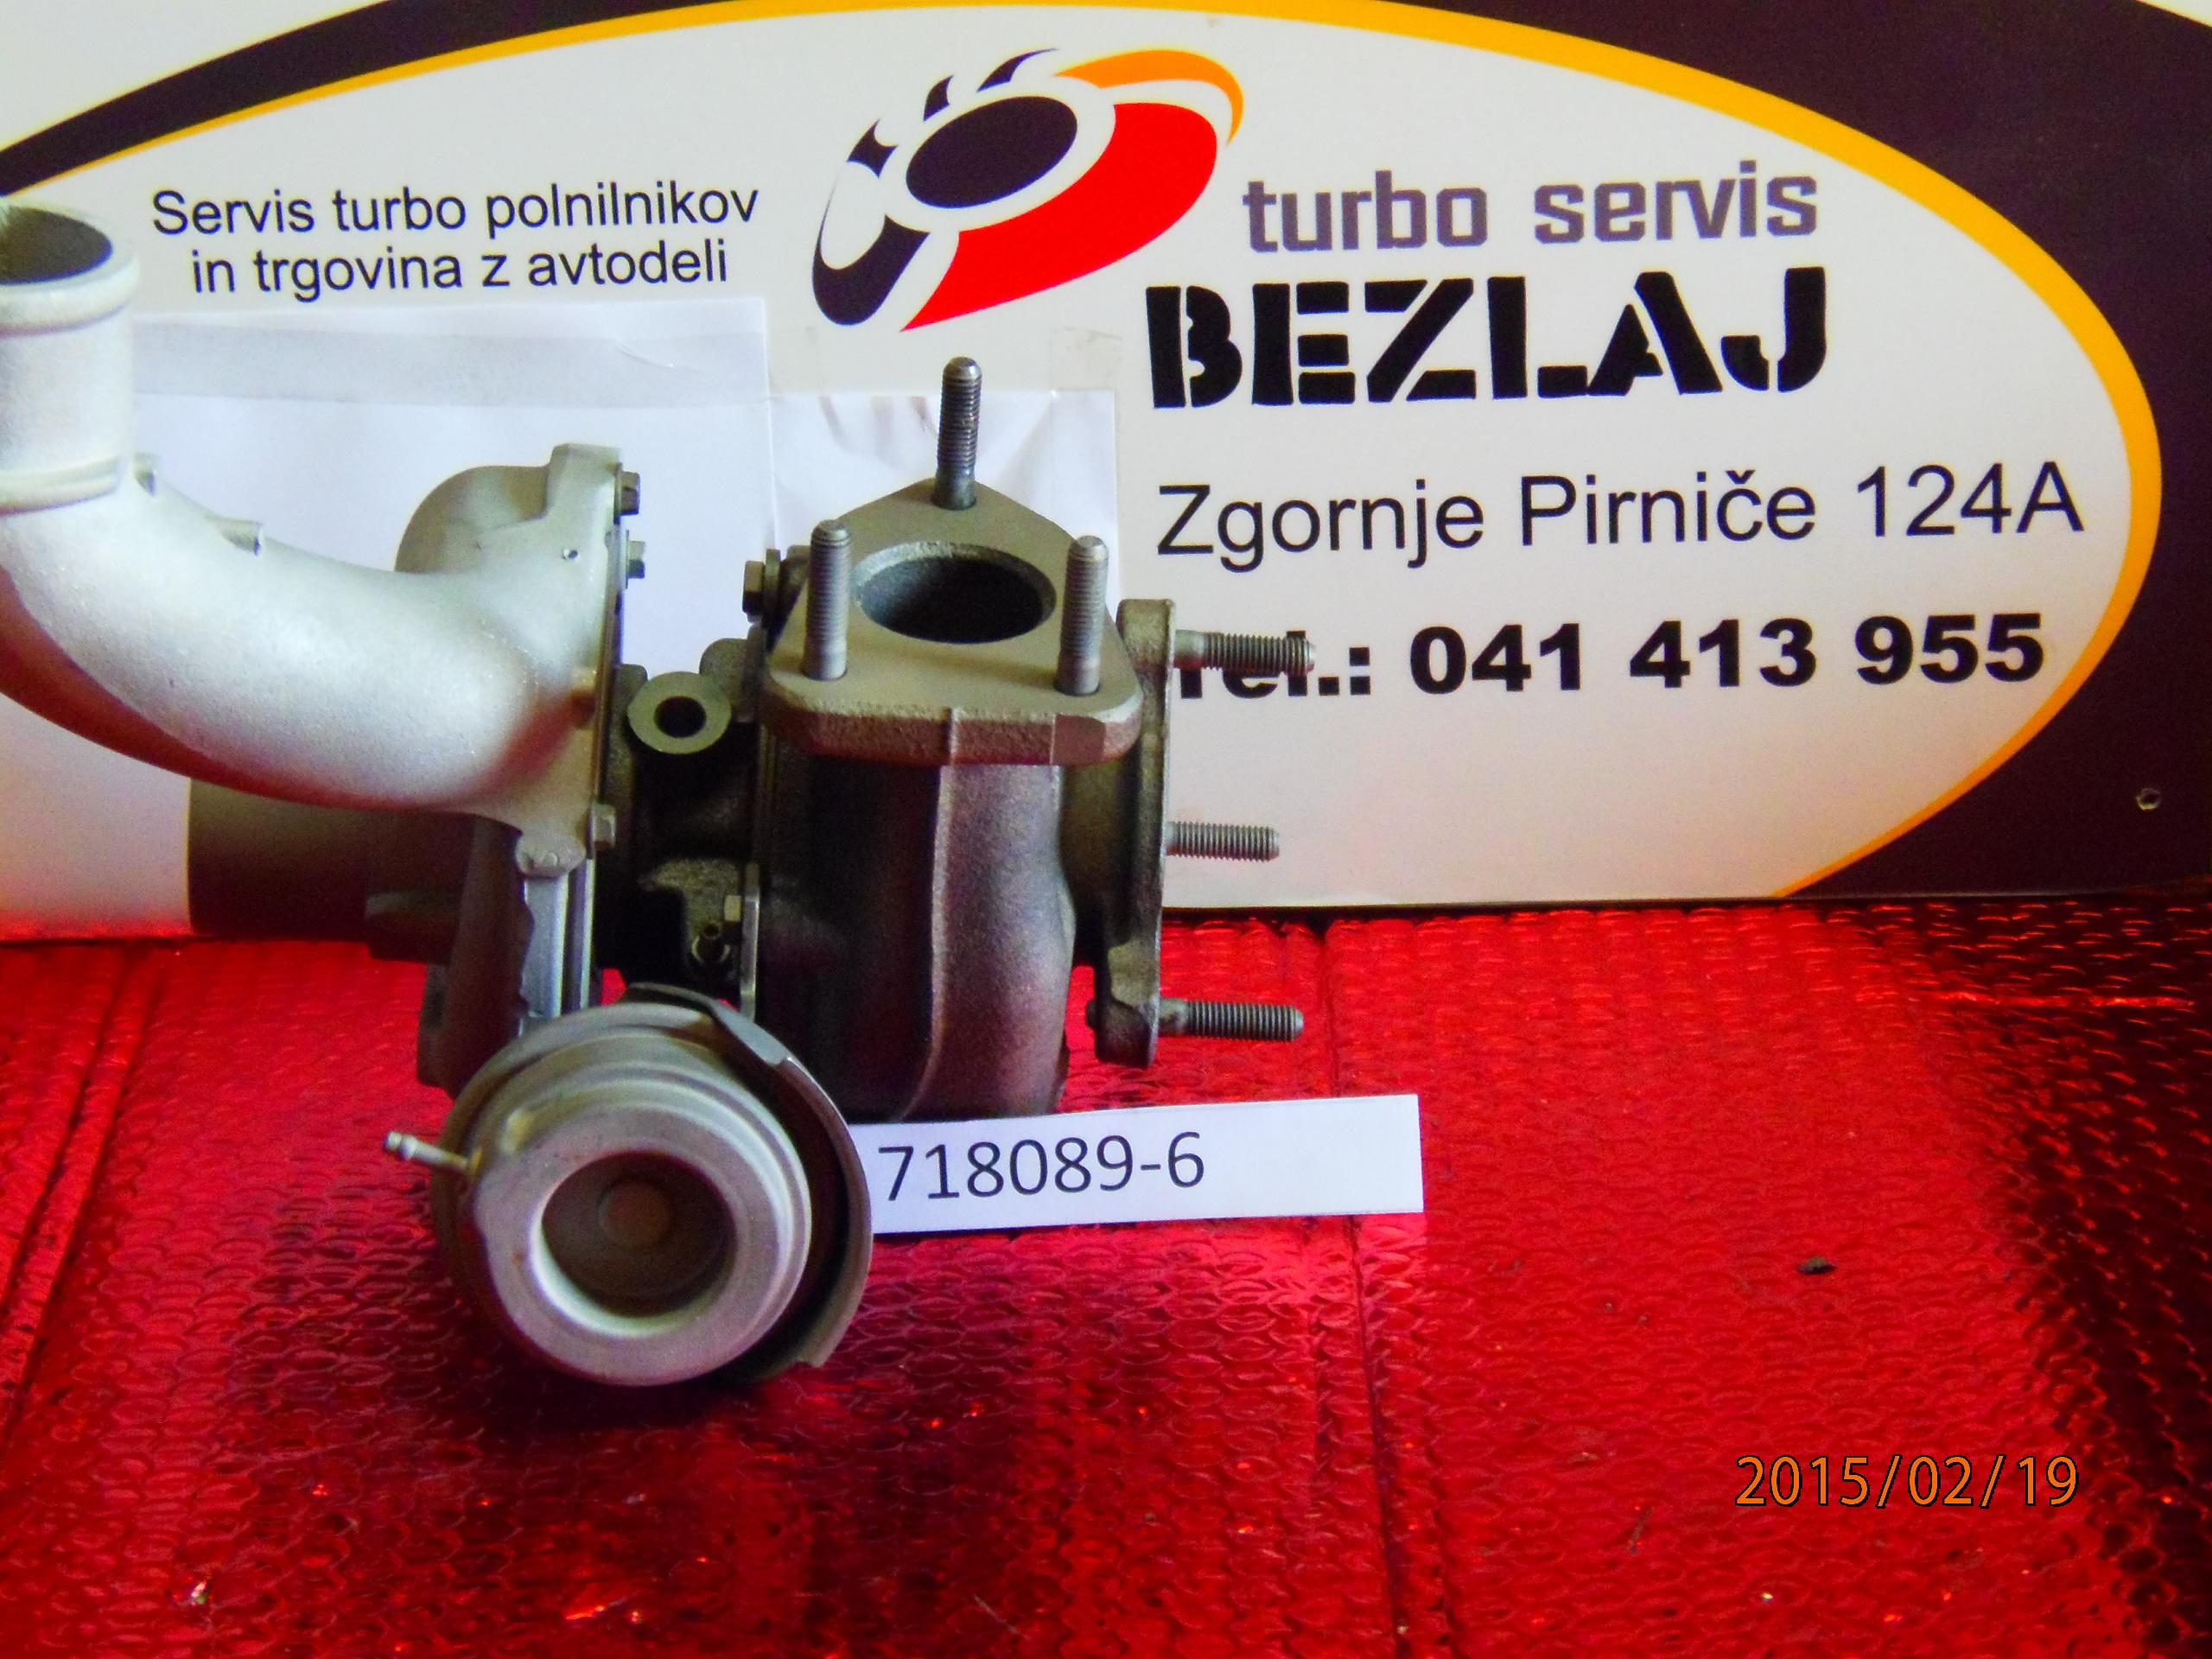 turbo718089-6 (2)